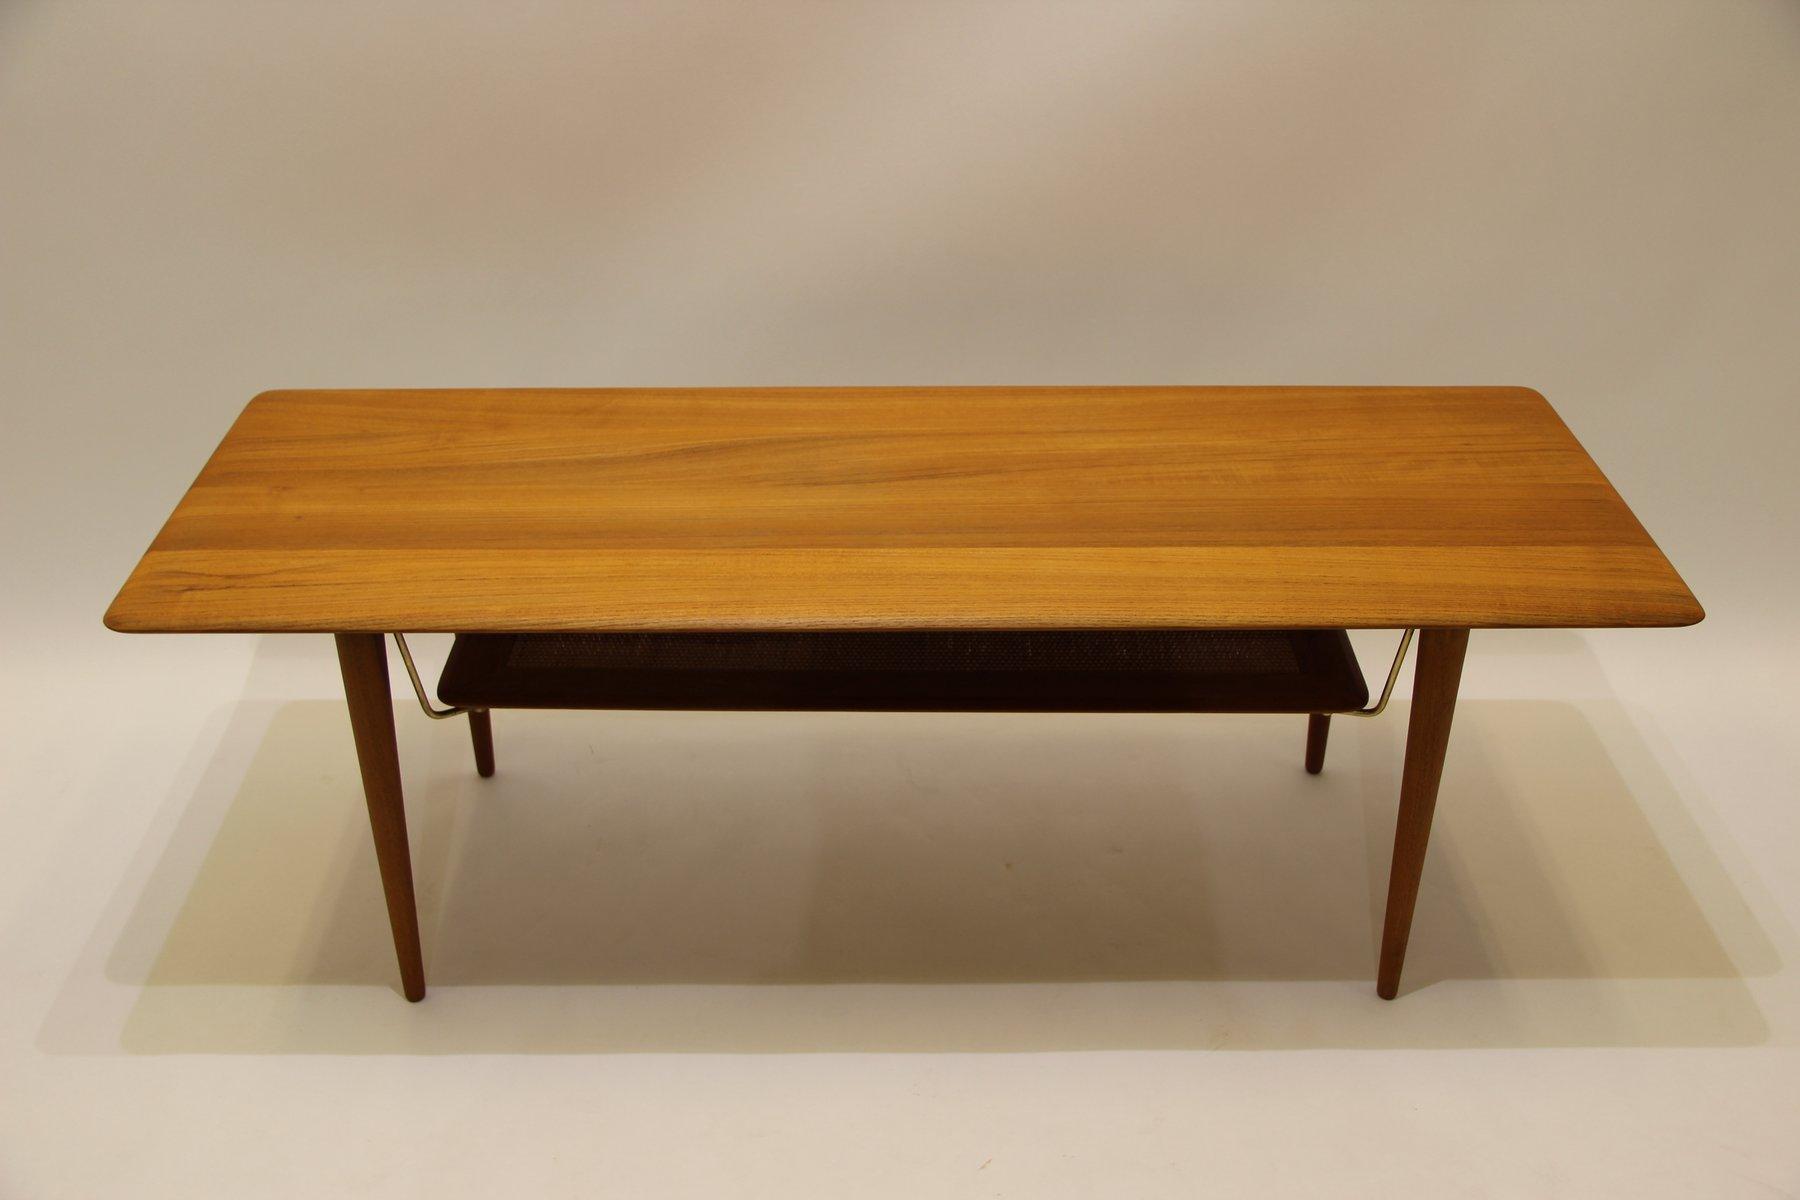 Vintage FD516 Coffee Table in Teak by Peter Hvidt & Orla M¸lgaard